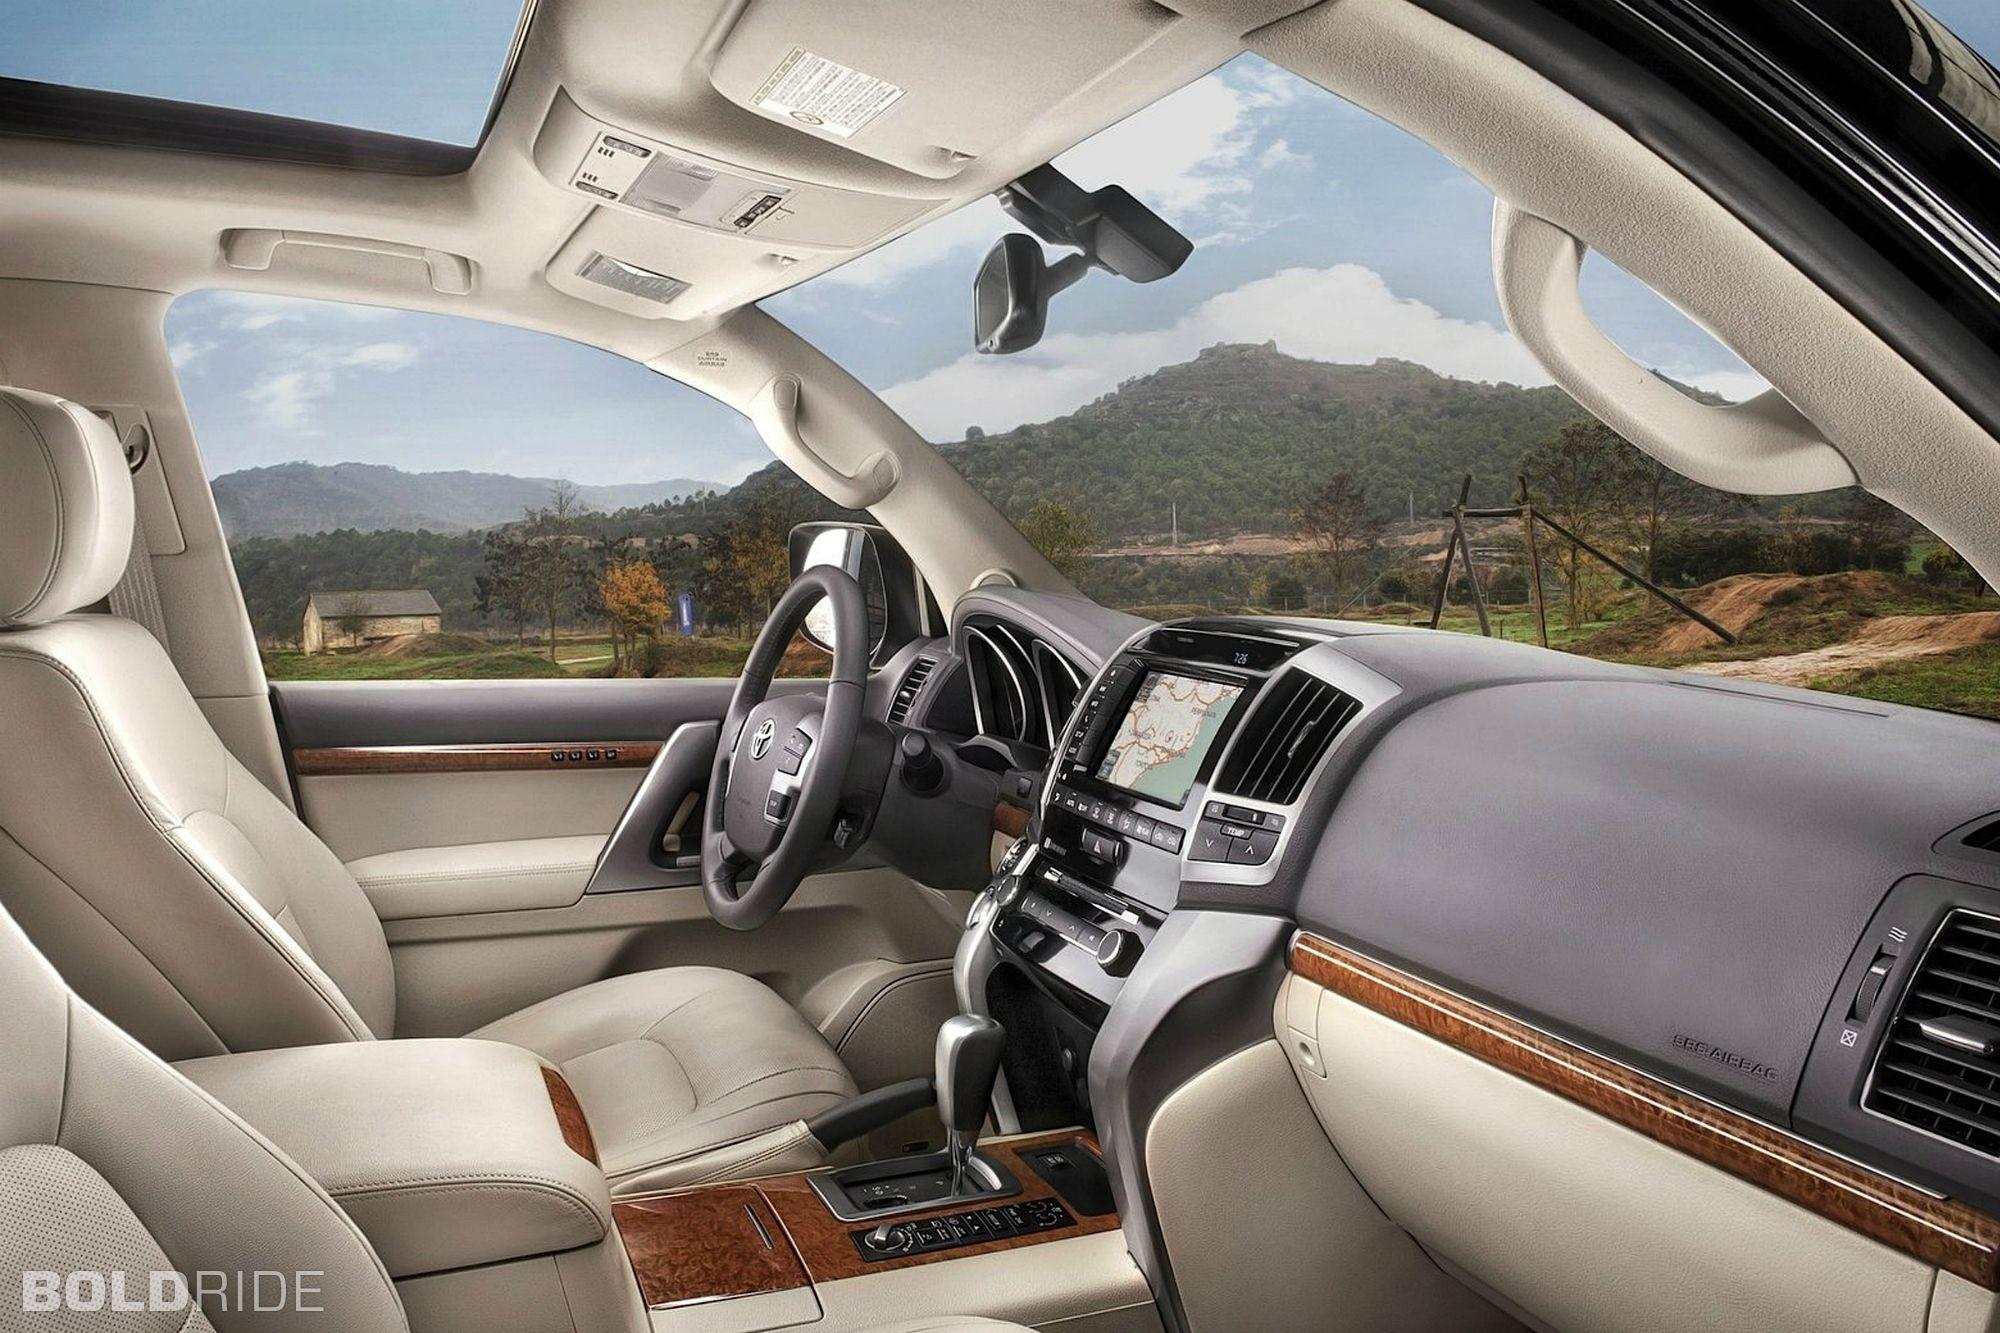 2018 Toyota Land Cruiser Interior Changes